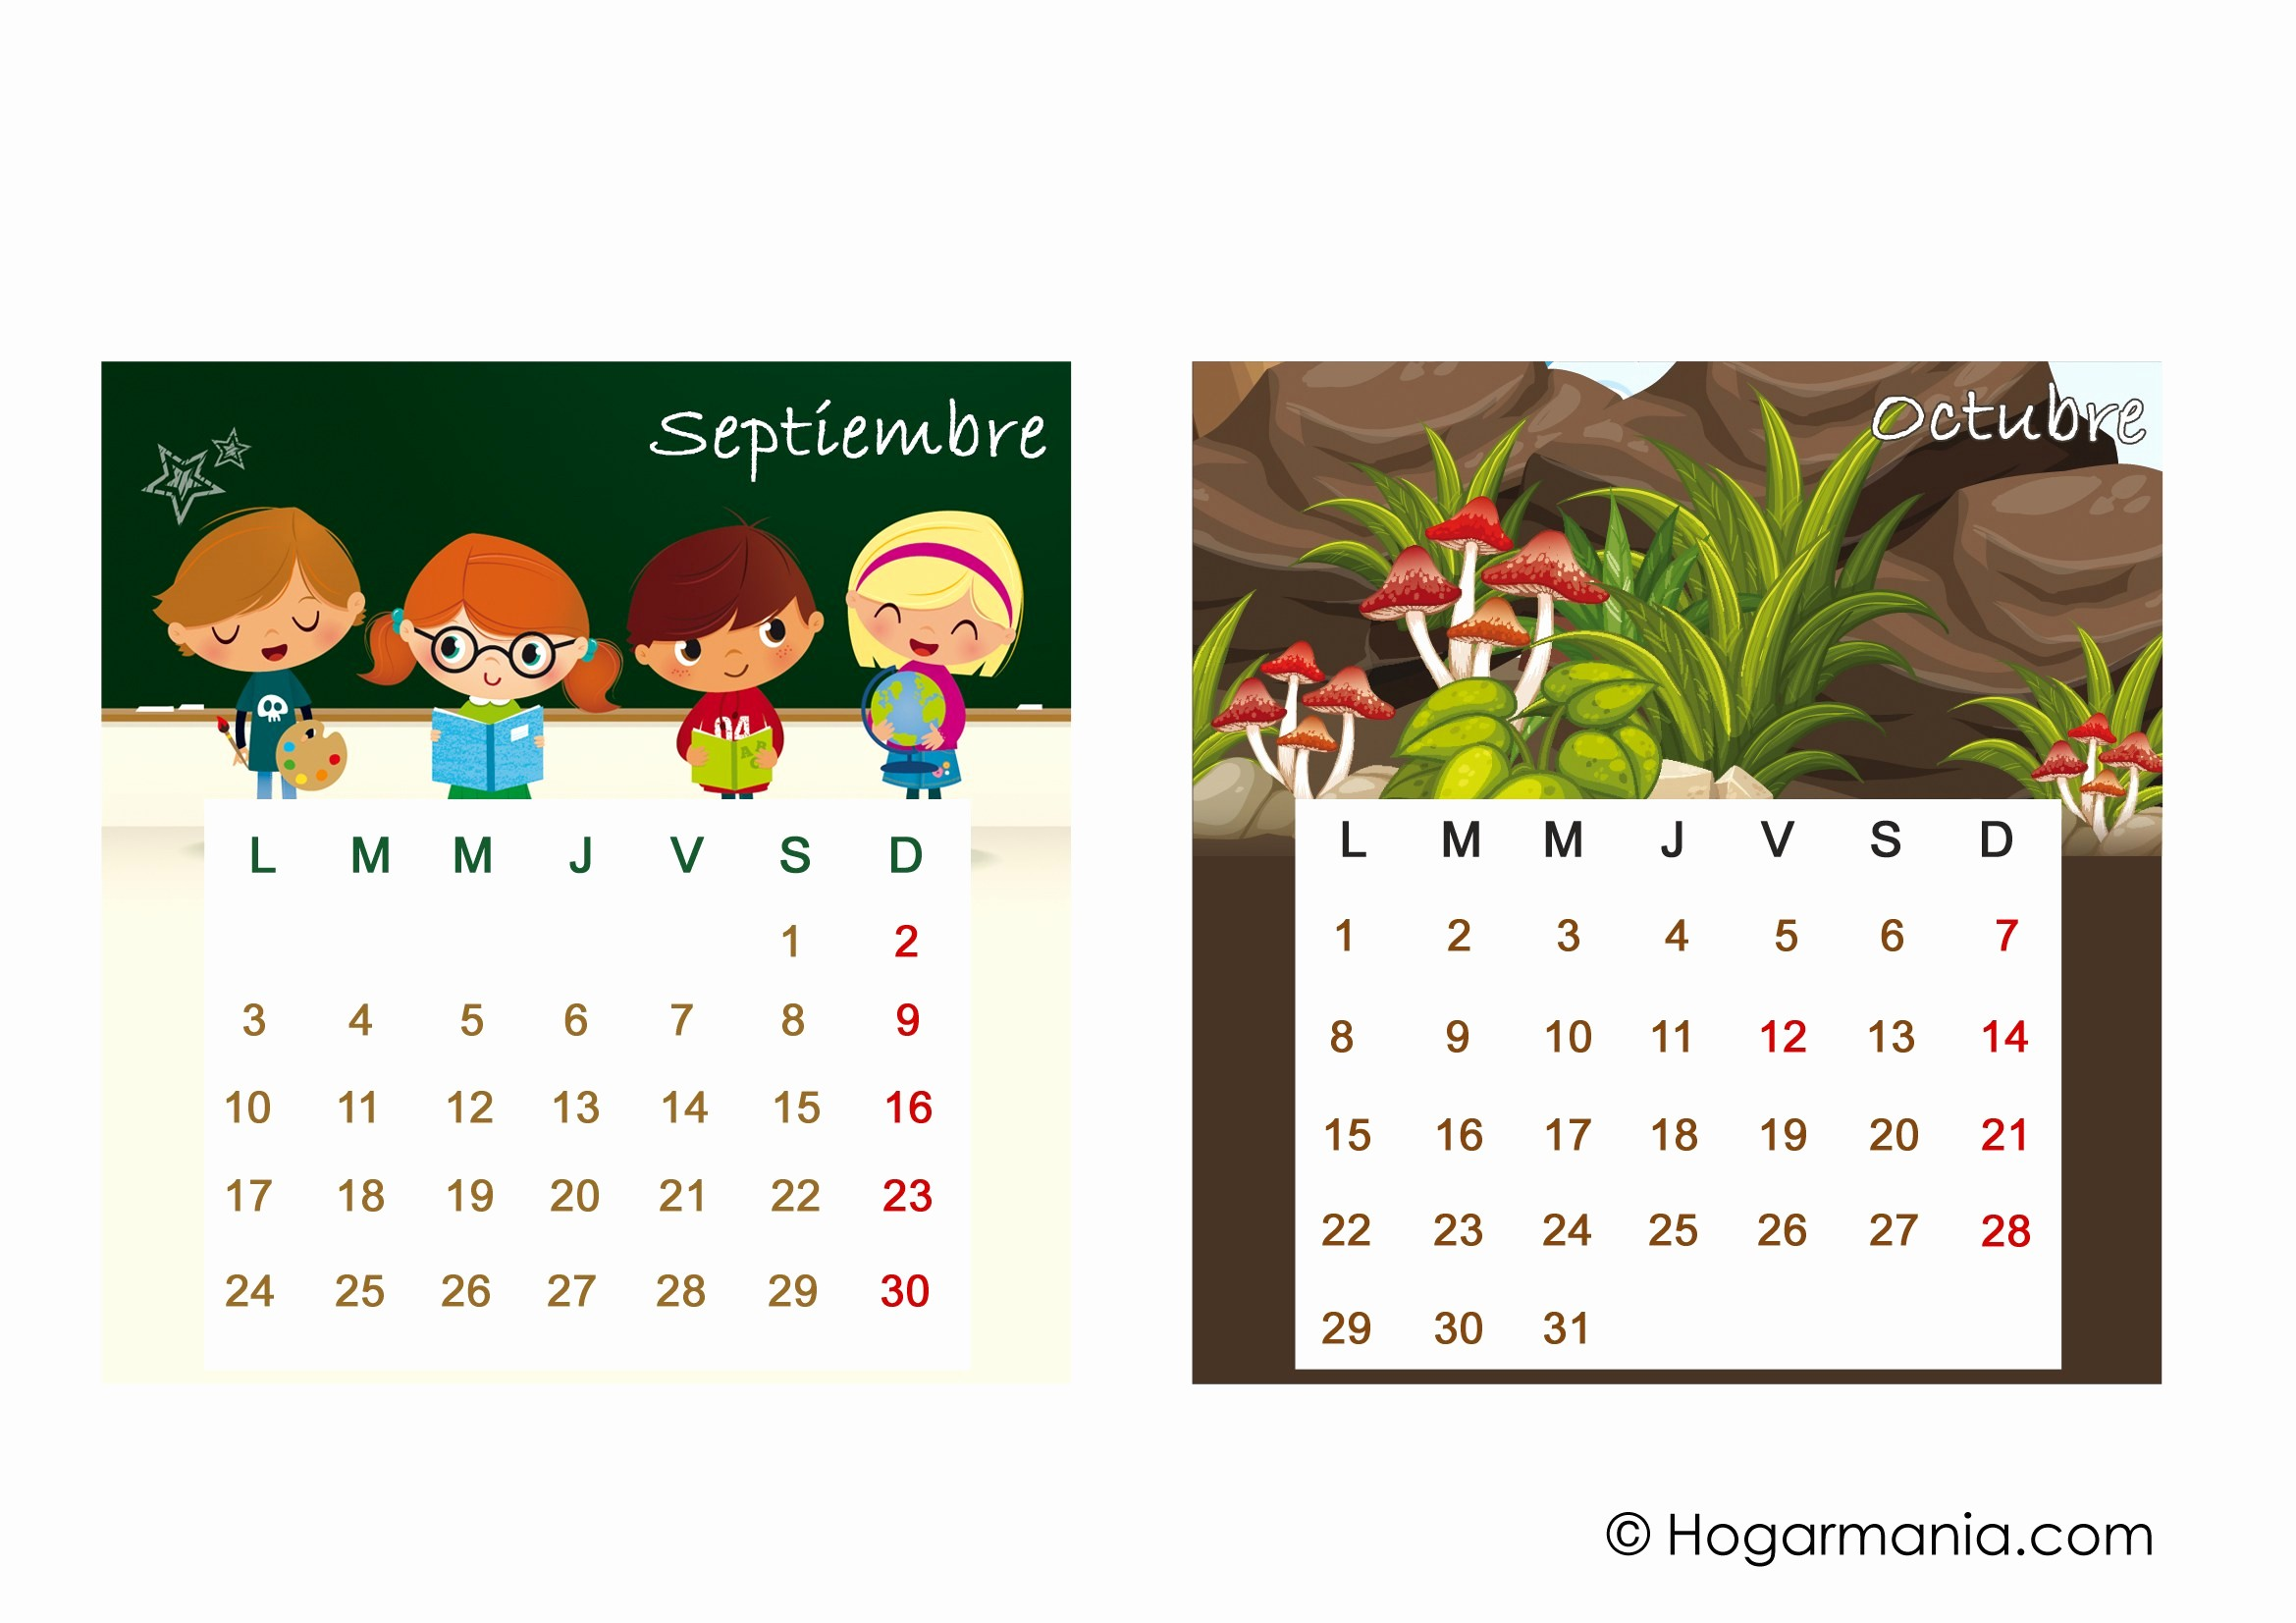 cambridge house calendario 2019 cambridge house calendario 2019 calendario 2019 para imprimir 2